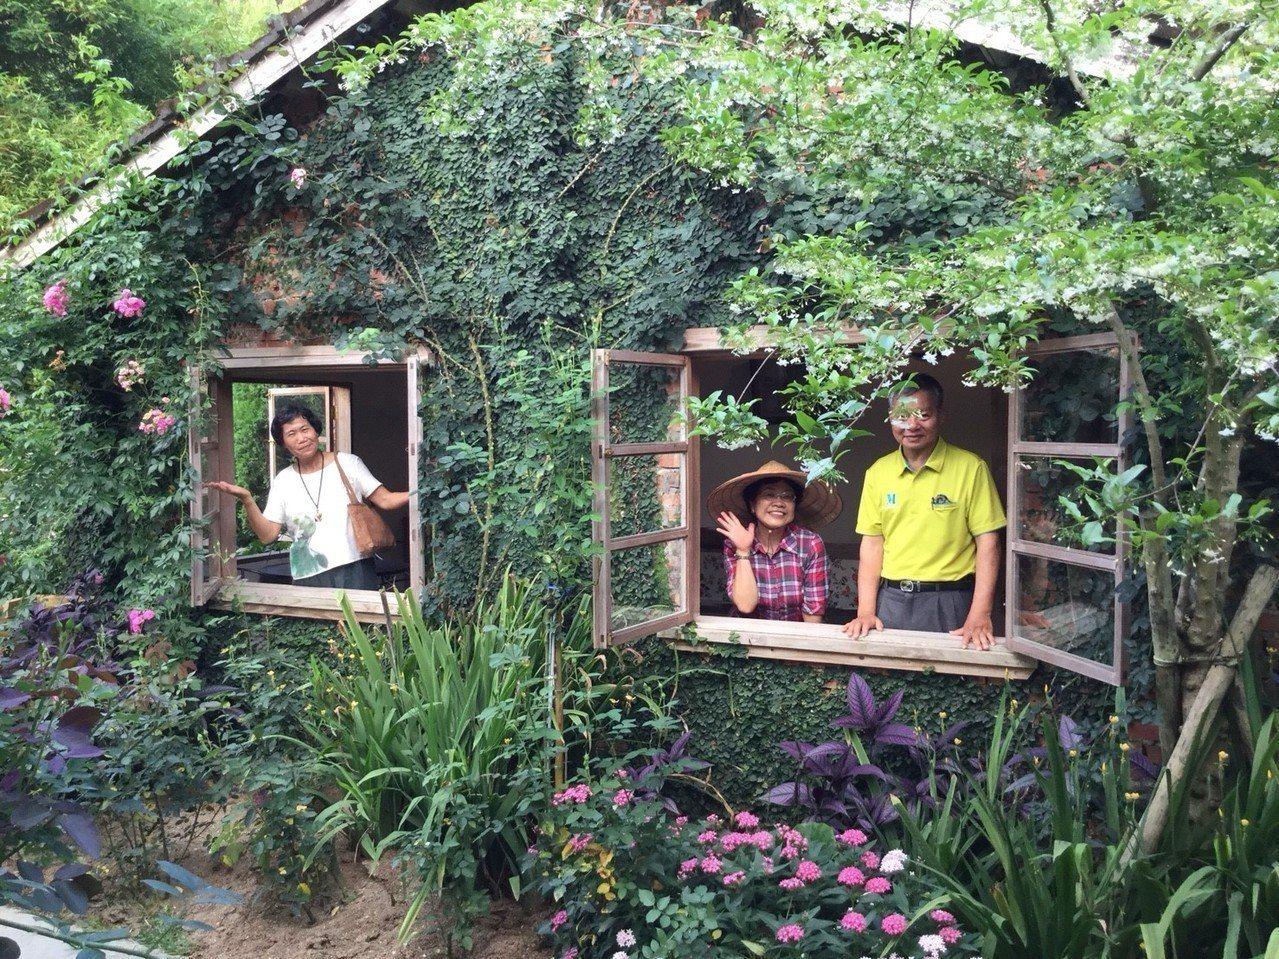 傳世莊園之旅行程中的環境,處處讓旅人驚艷。有行旅提供